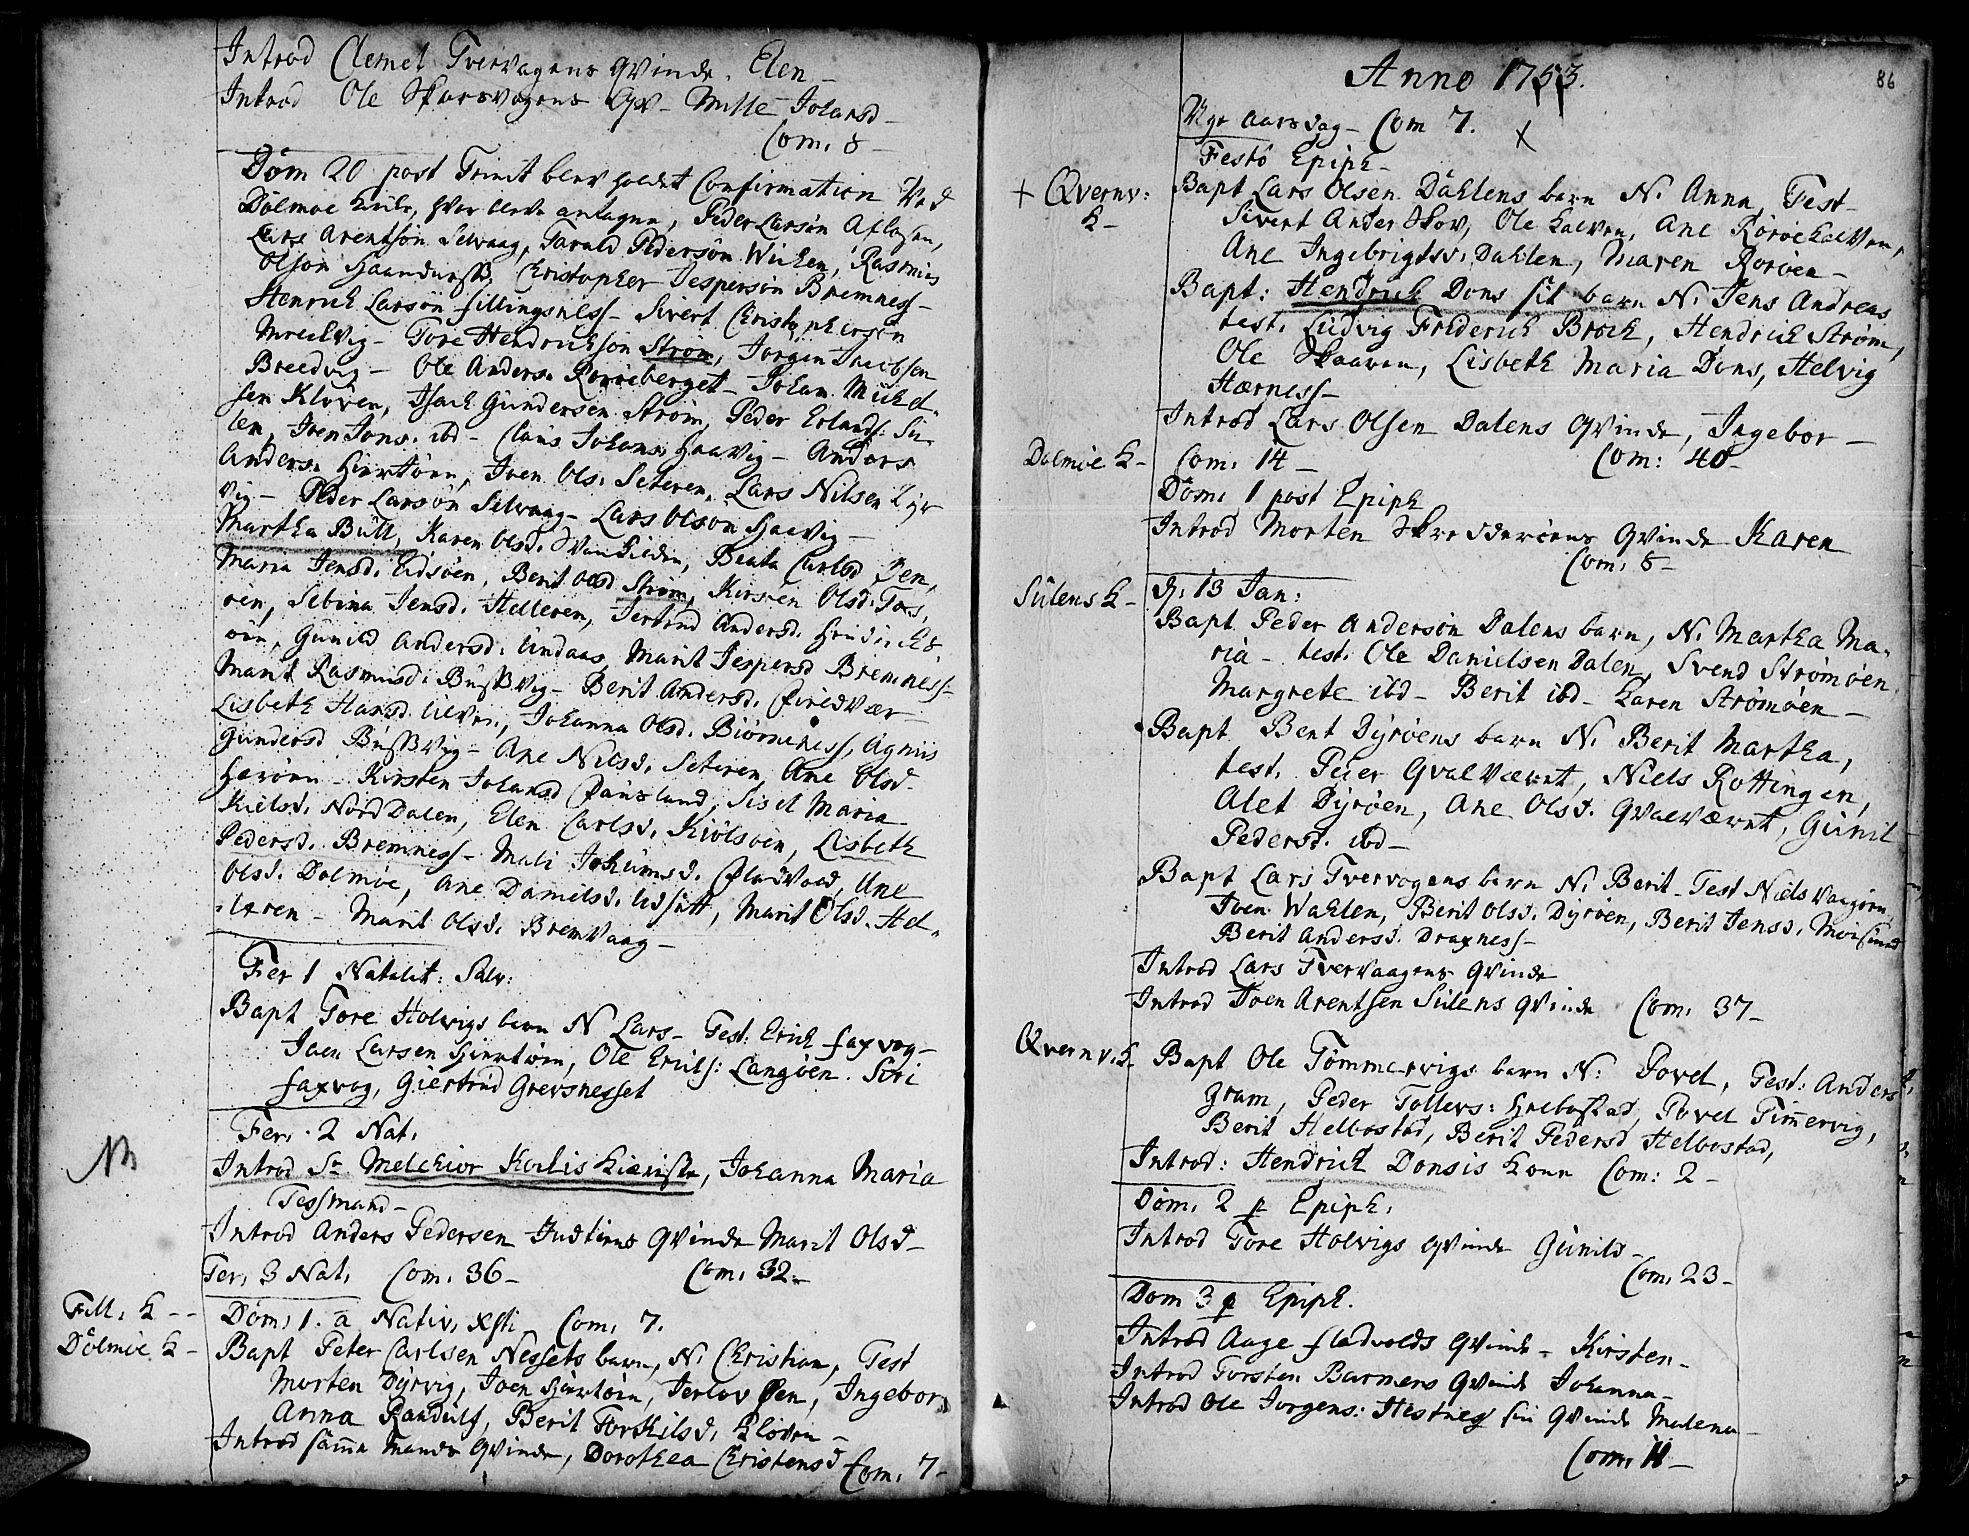 SAT, Ministerialprotokoller, klokkerbøker og fødselsregistre - Sør-Trøndelag, 634/L0525: Ministerialbok nr. 634A01, 1736-1775, s. 86